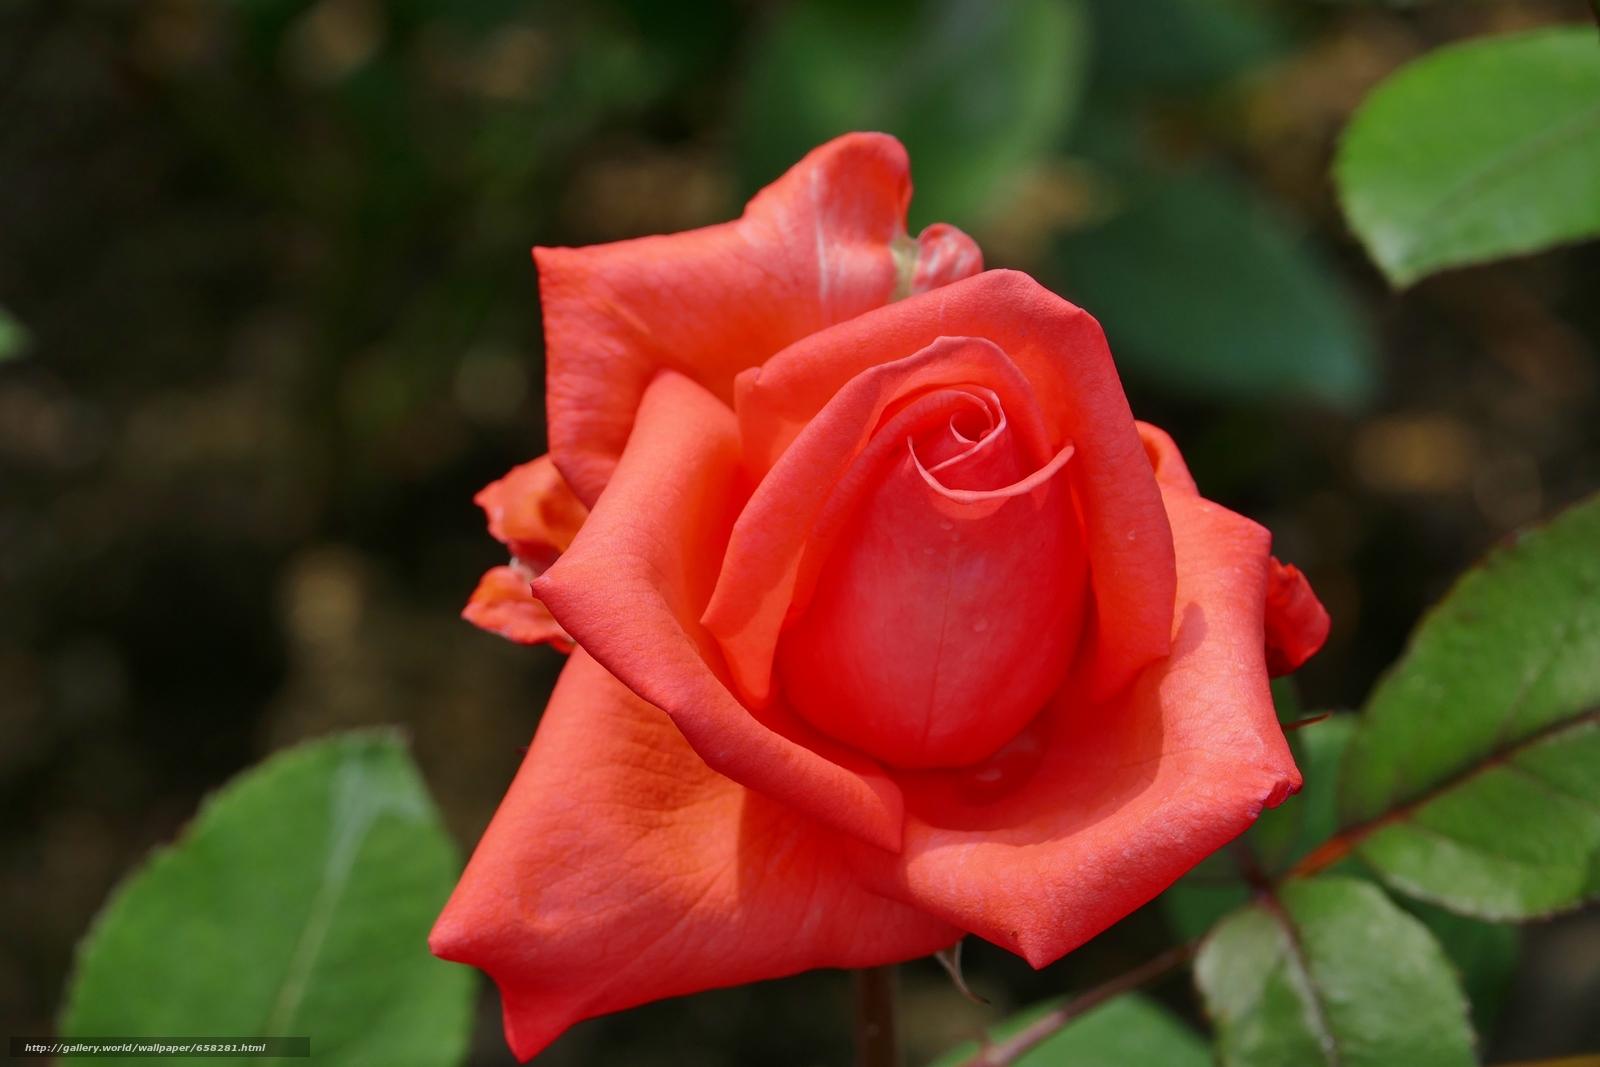 Скачать обои роза,  розы,  цветы,  флора бесплатно для рабочего стола в разрешении 5472x3648 — картинка №658281